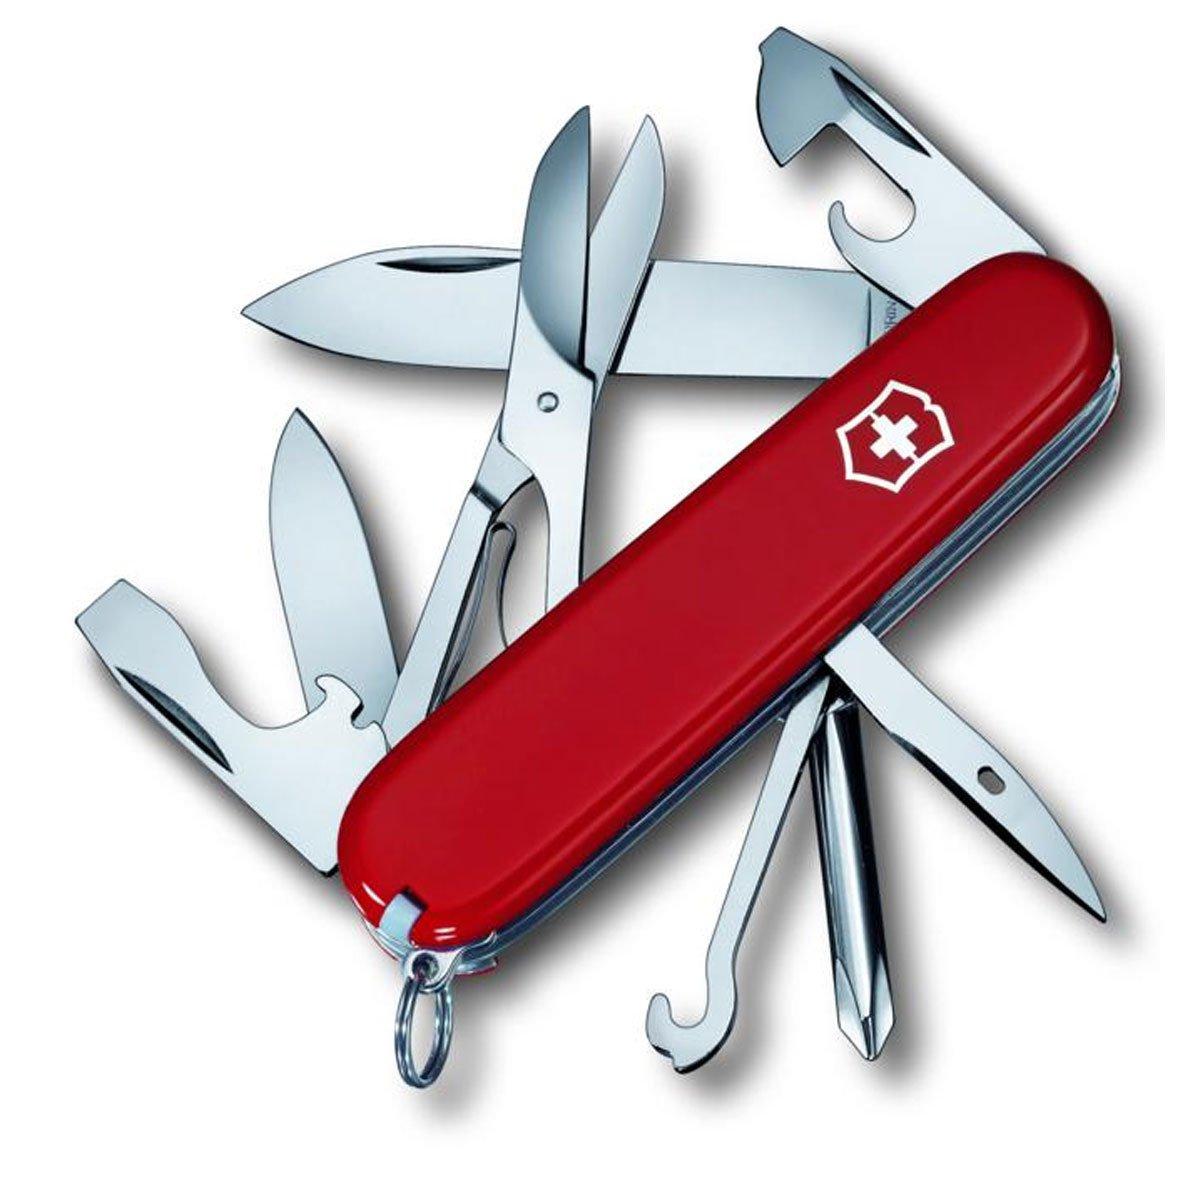 Quel(s) couteau(x) Suisse avec vous - Page 3 61jhlZxgx5L._SL1200_